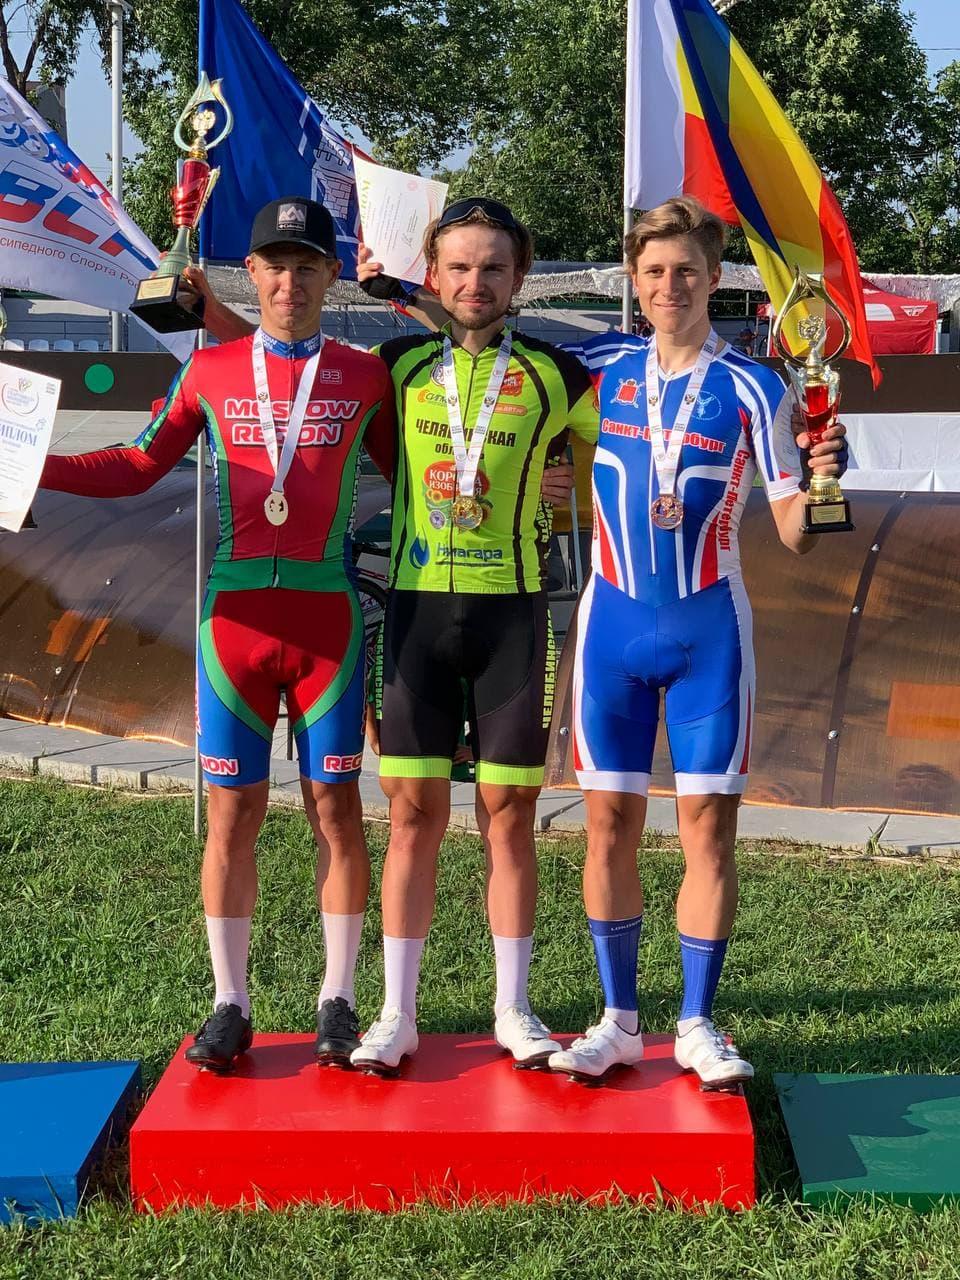 Подмосковный юниор стал призером летней Спартакиады молодежи по велоспорту